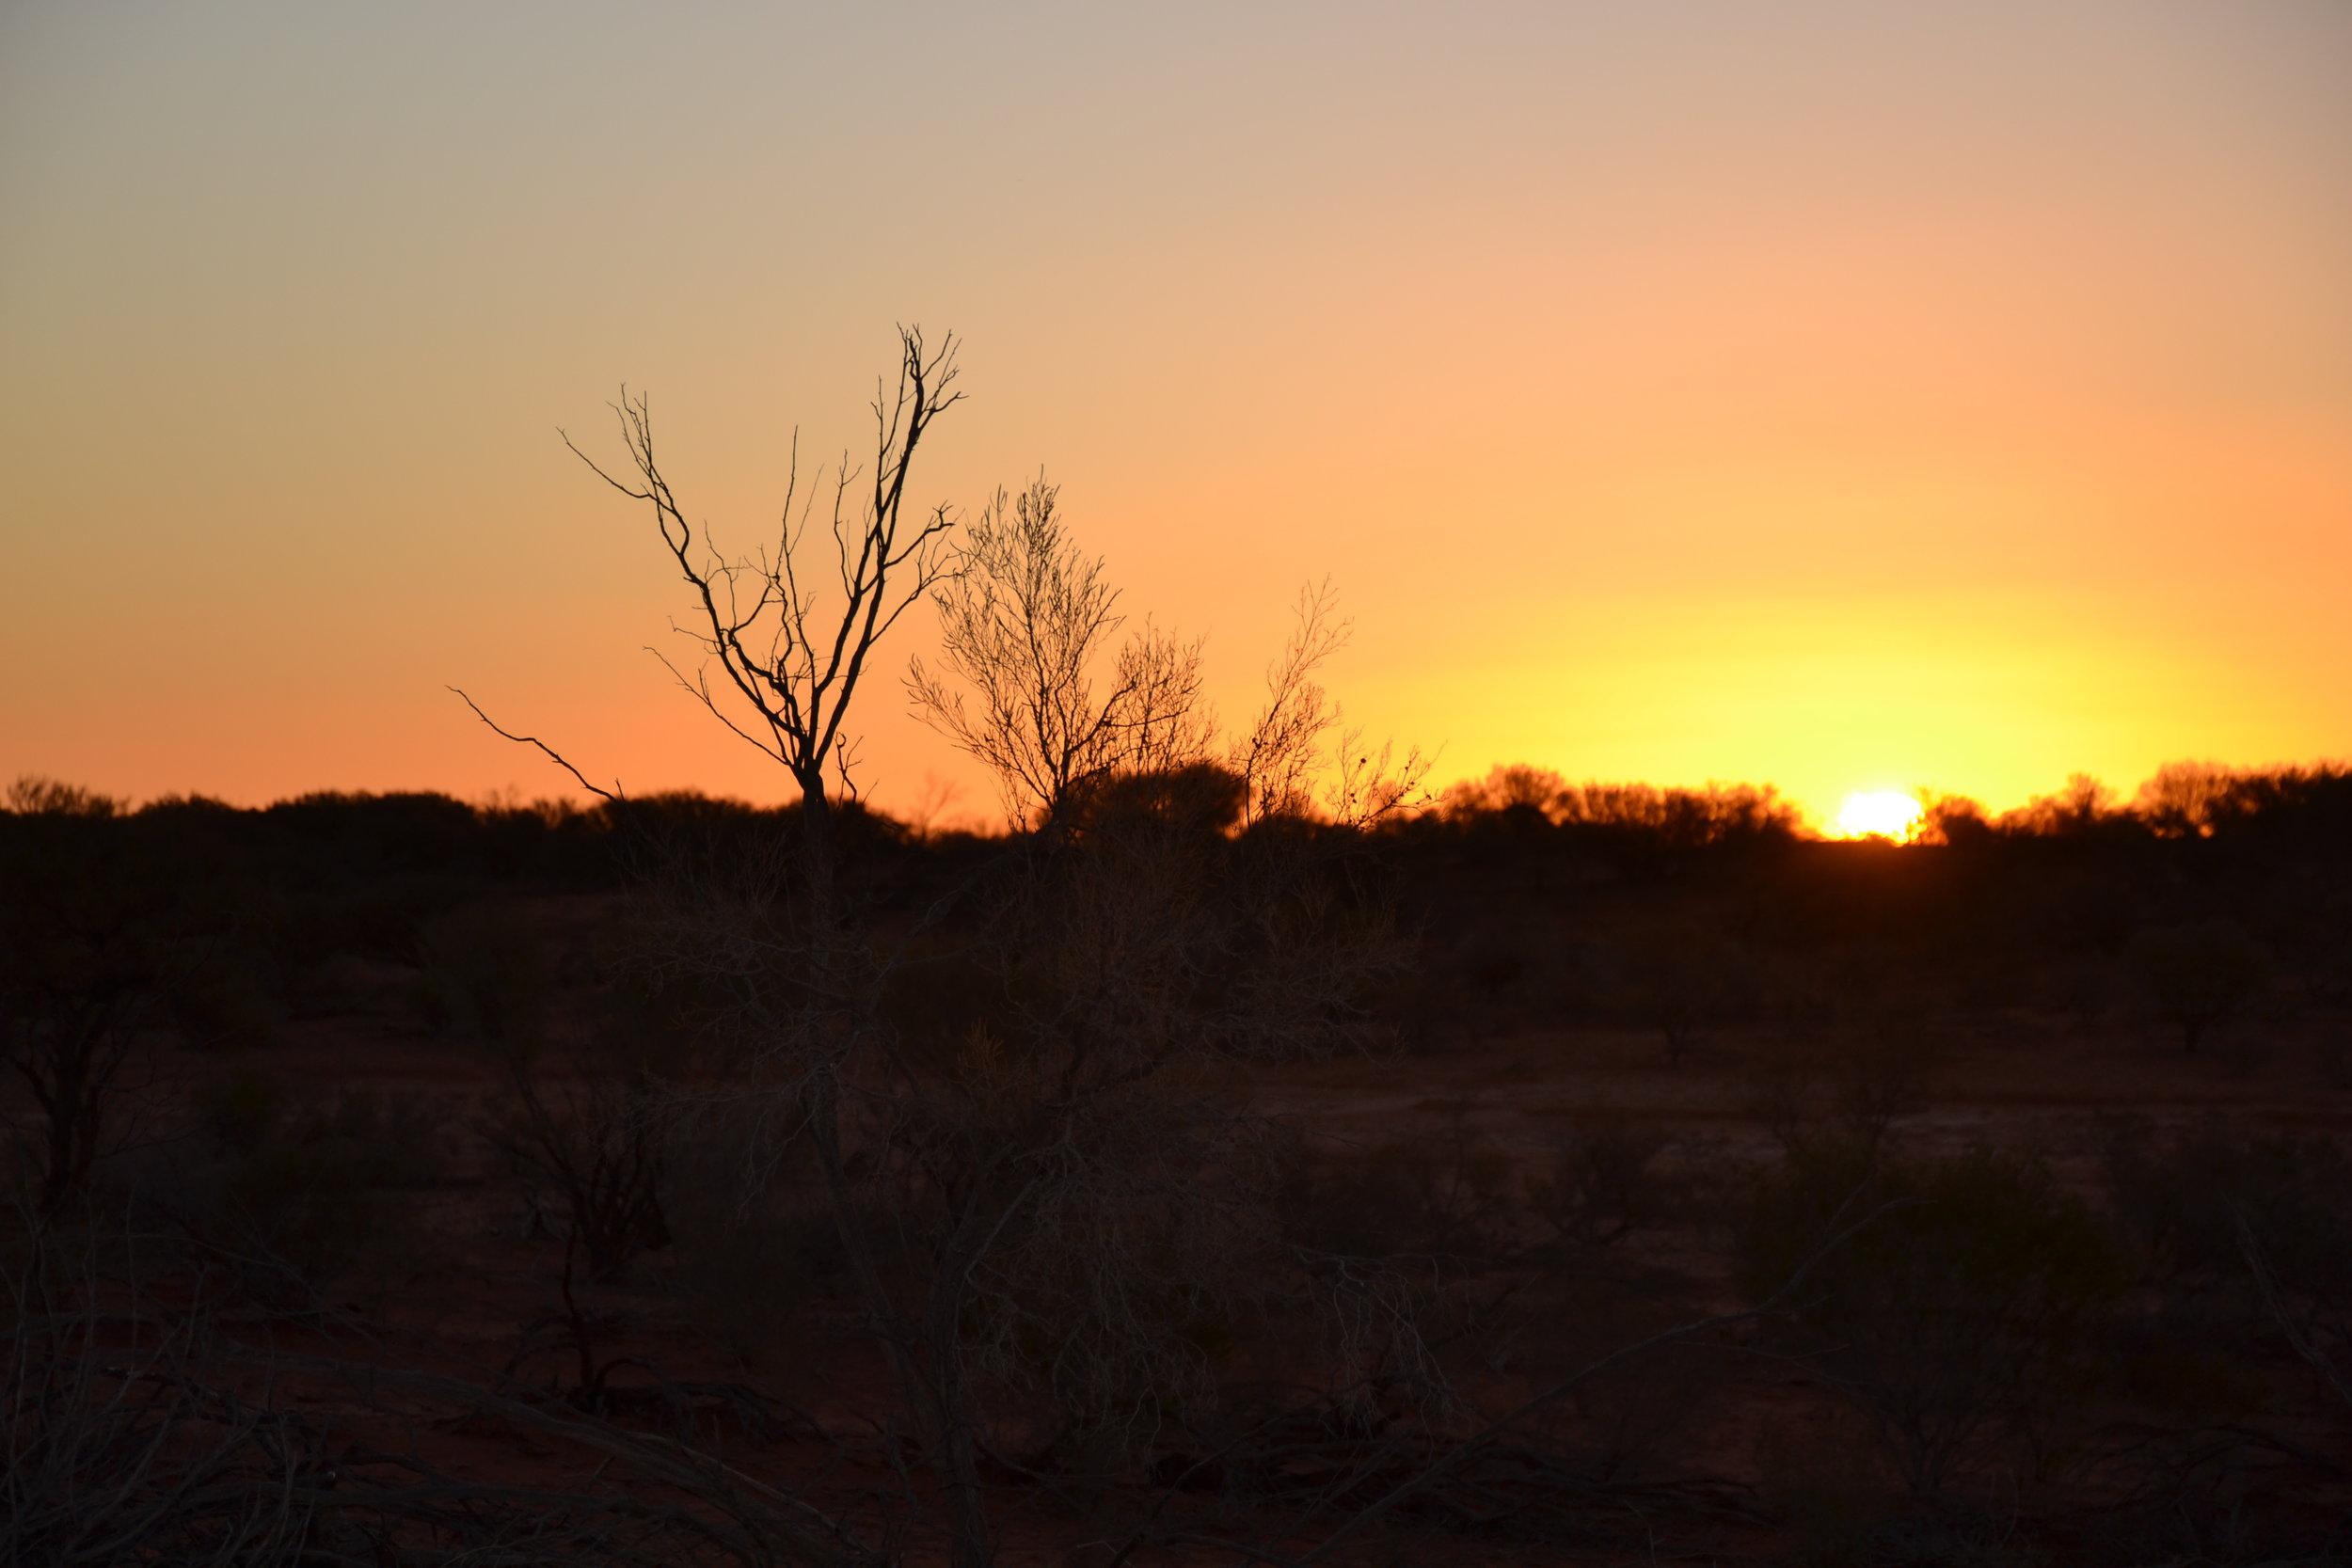 085 watching the sunset.JPG